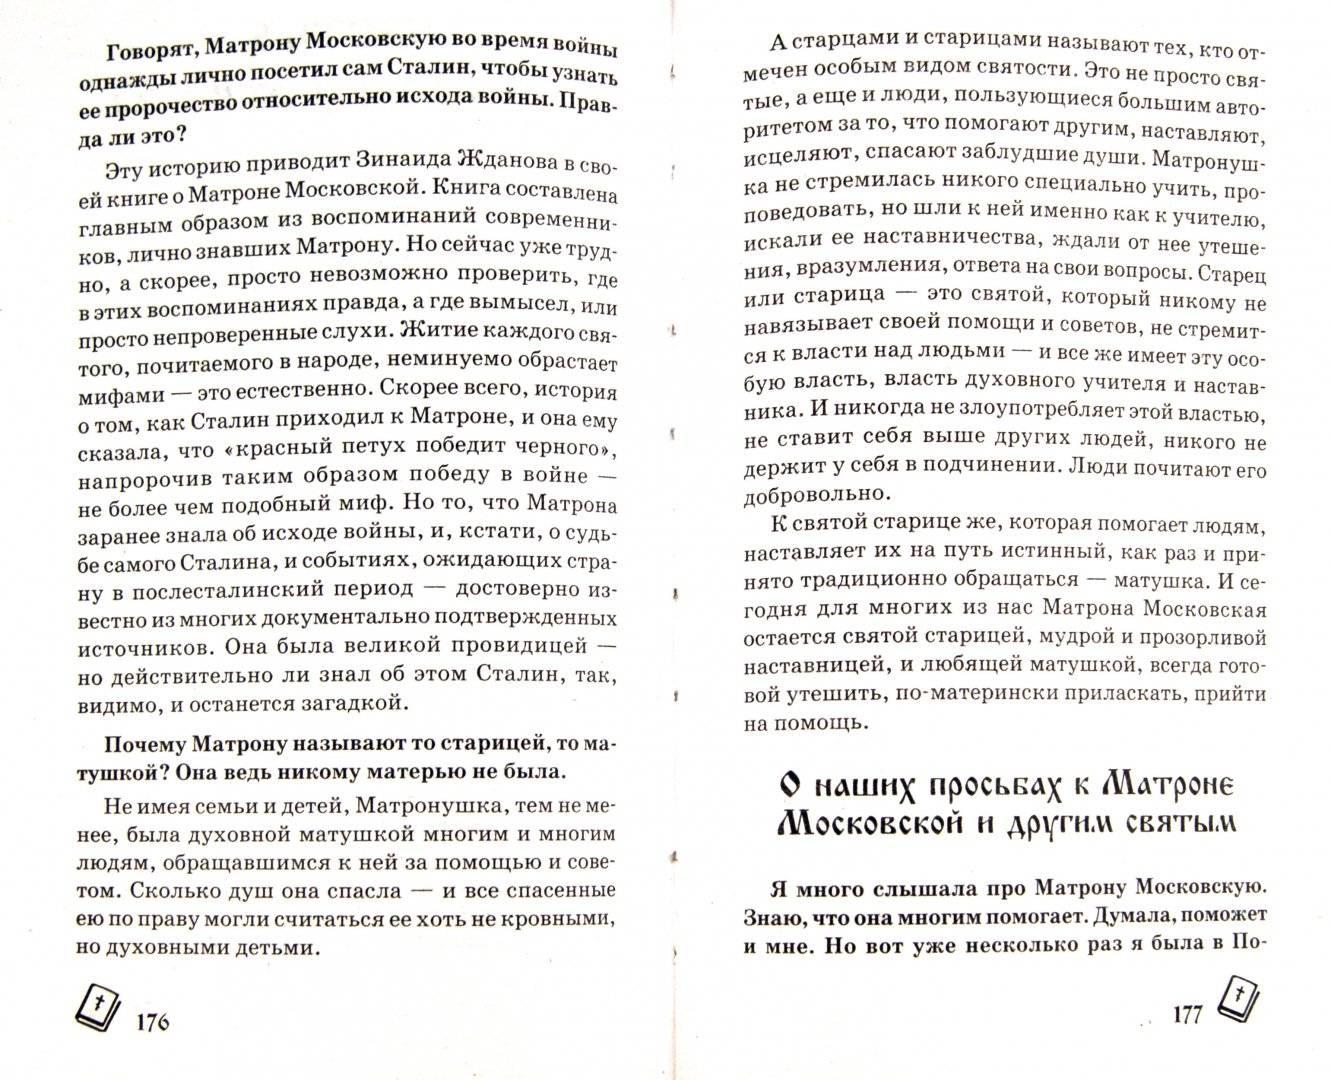 Предсказание святой матроны московской о судьбе россии и мира после кризиса 2020-го (7 фото)